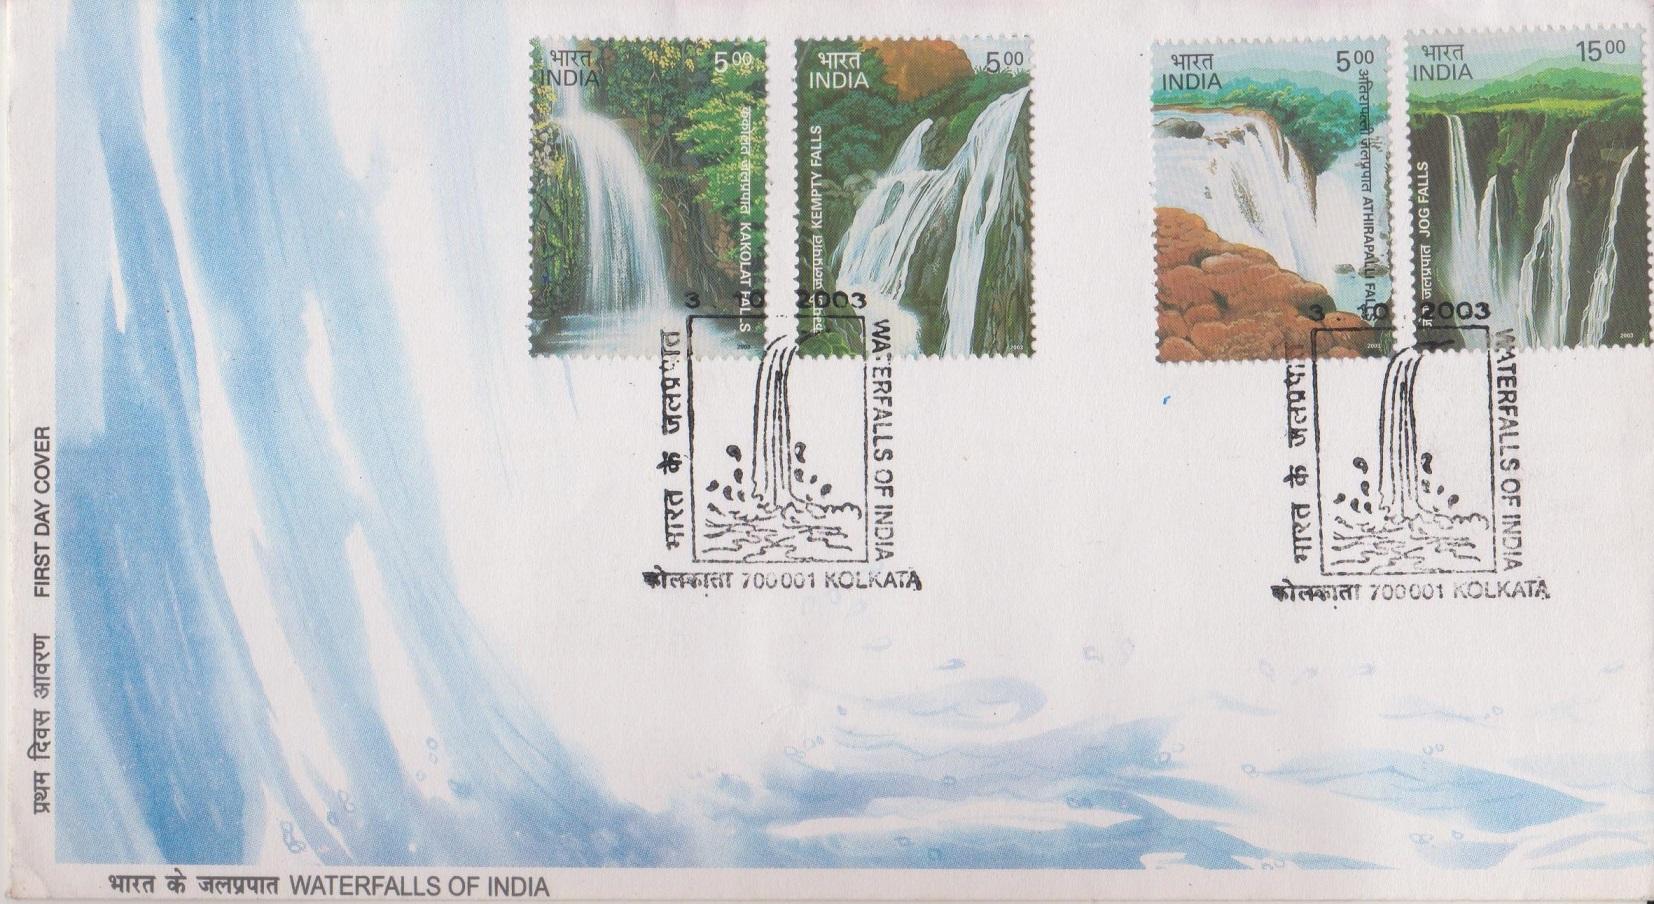 Athirappilly (Niagara of India),Gersoppa,Kempty &Kakolat (Land of Rishi Muni) falls